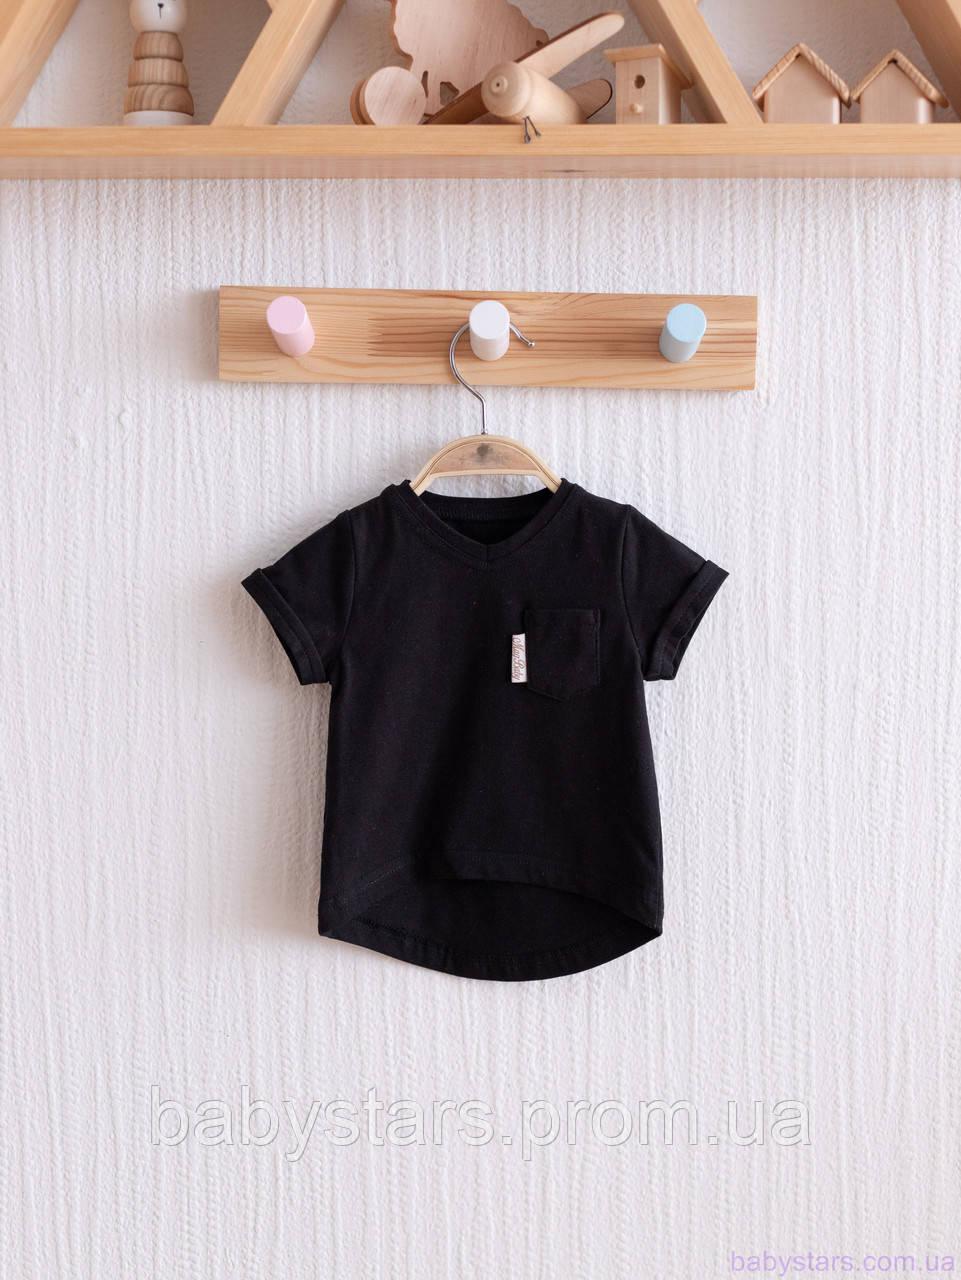 """Футболка для девочки """"Simply"""", черная с карманом. Размеры: от 80 до 110"""